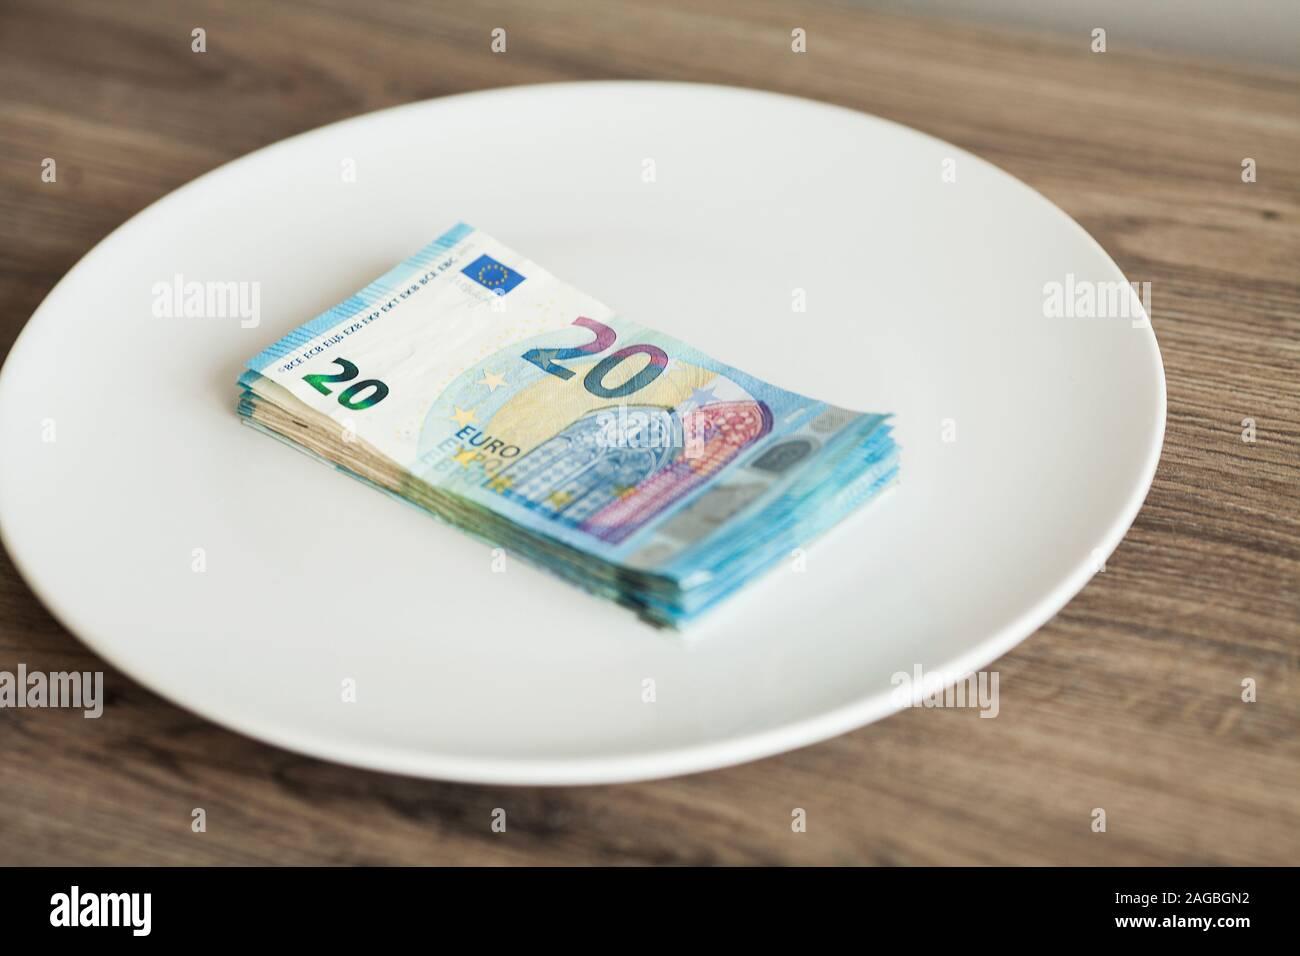 Geld liegen auf der Platte. Euro Foto. Gierig Korruption Konzept. Geschenke Idee. Stockfoto